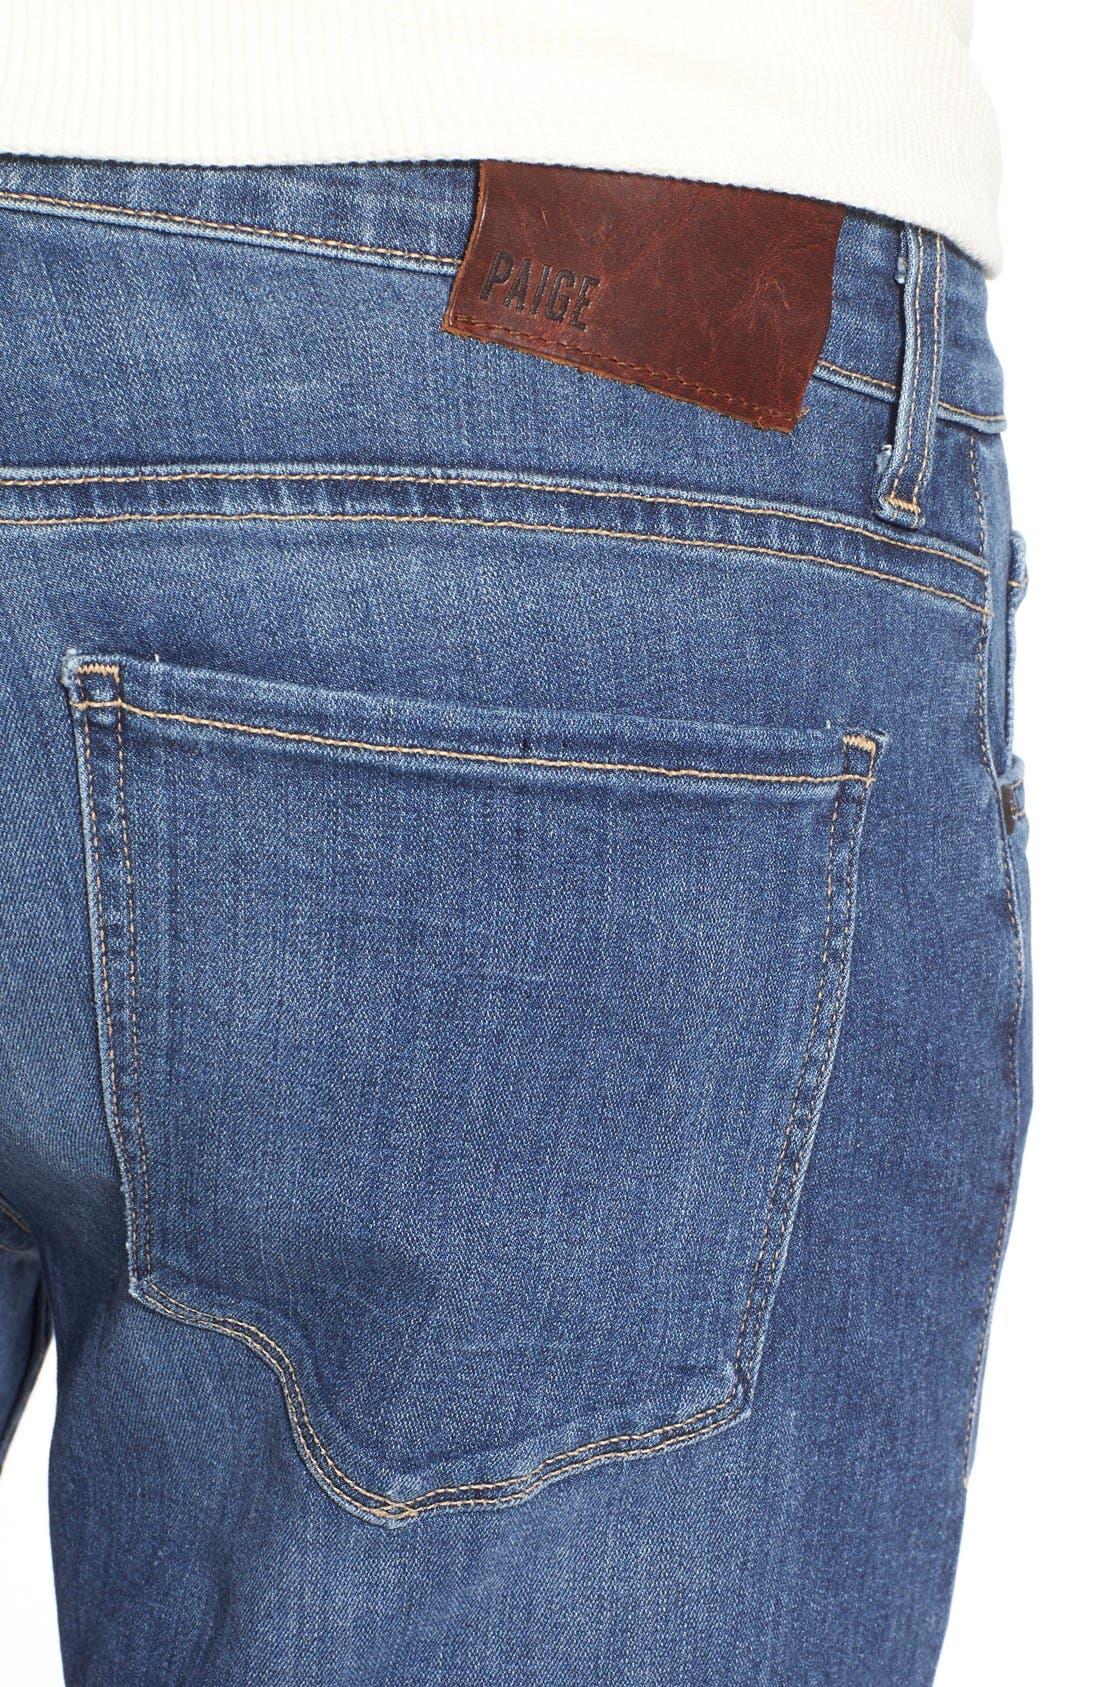 Transcend - Lennox Straight Leg Jeans,                             Alternate thumbnail 4, color,                             Birch